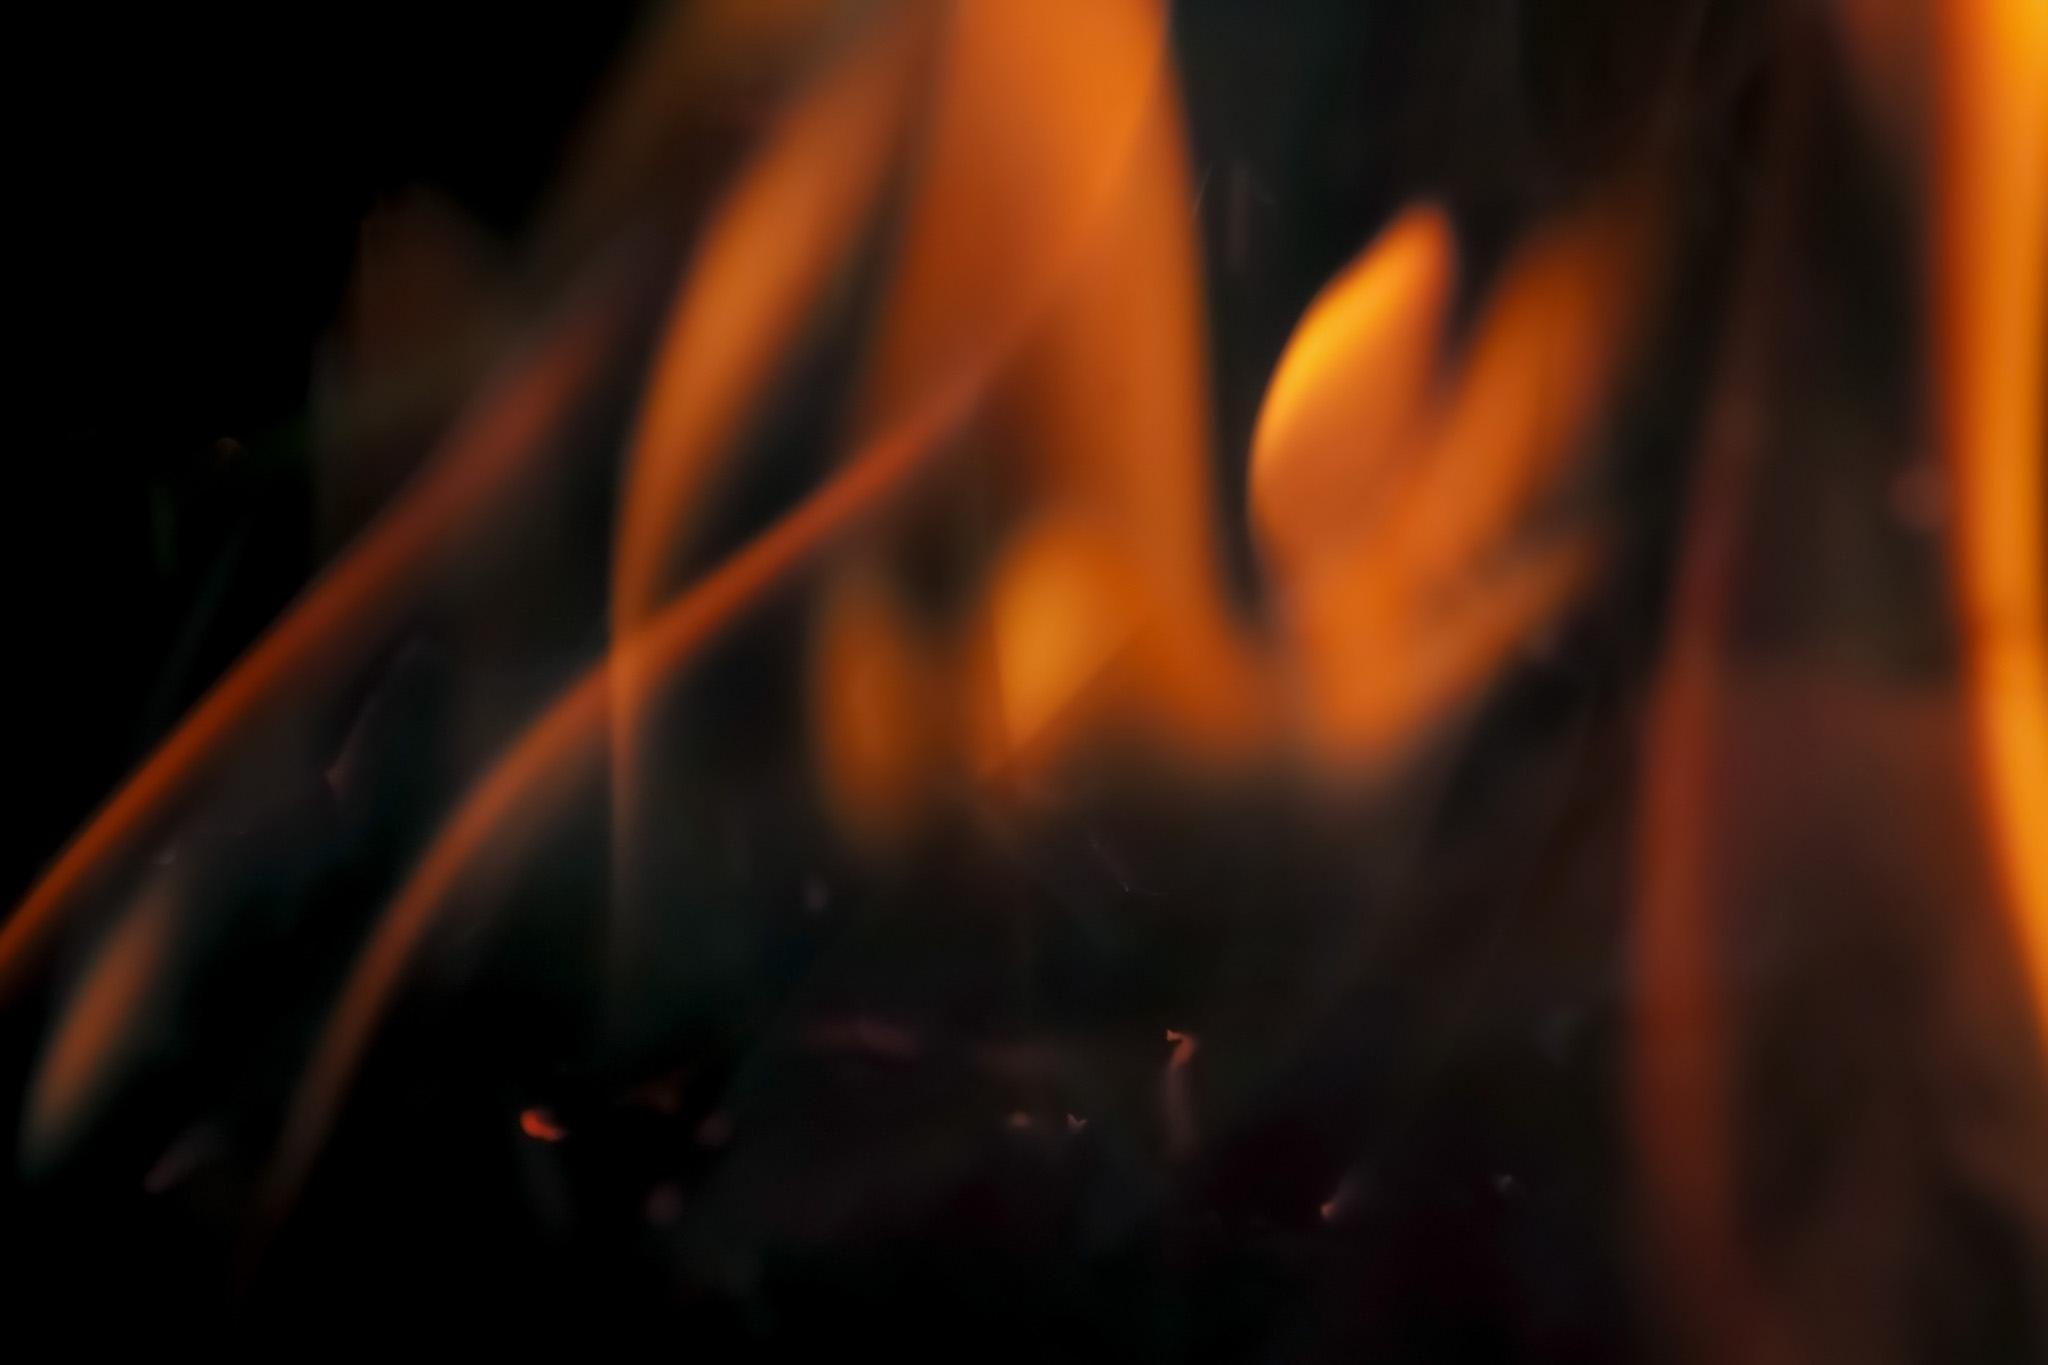 「沸き立ち揺らめく火」の素材を無料ダウンロード